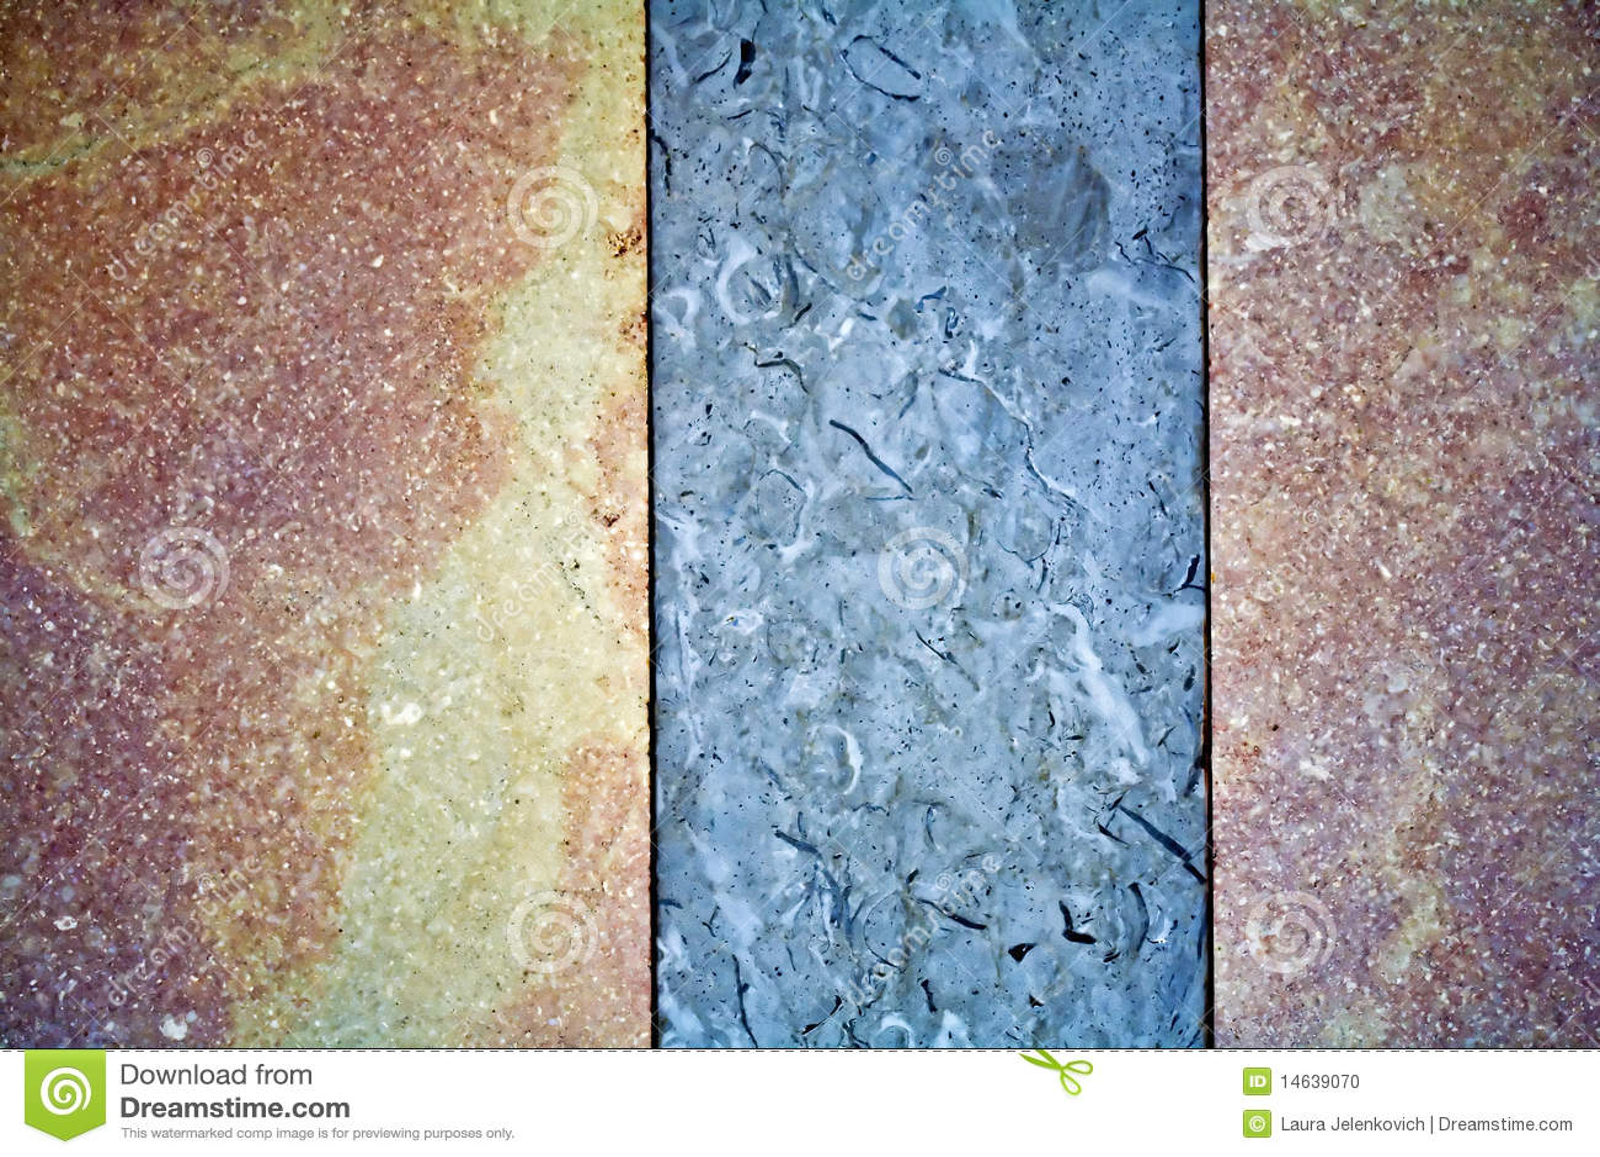 Italienischer Marmor italienischer marmor stockfoto bild stein prestige 14639070